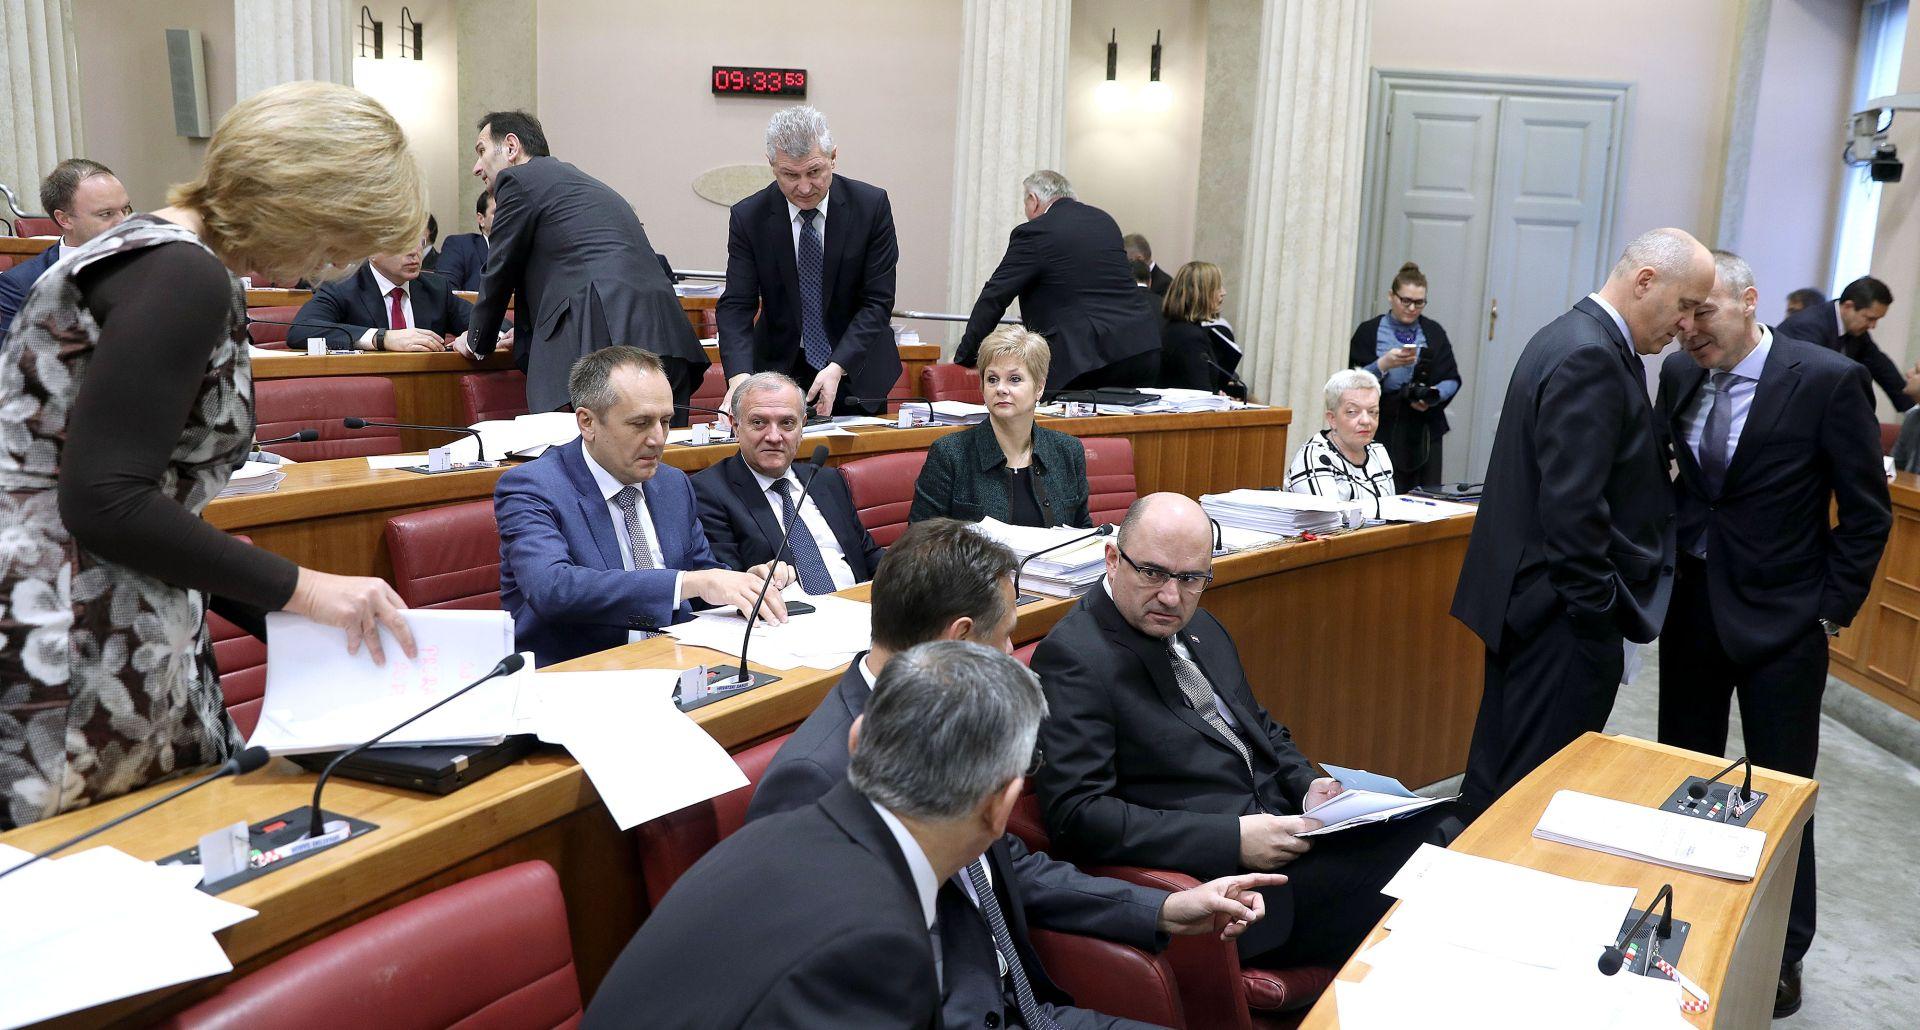 TRAJALA DO IZA PONOĆI Nakon 14 sati u Saboru završena rasprava o proračunu za 2017. godinu